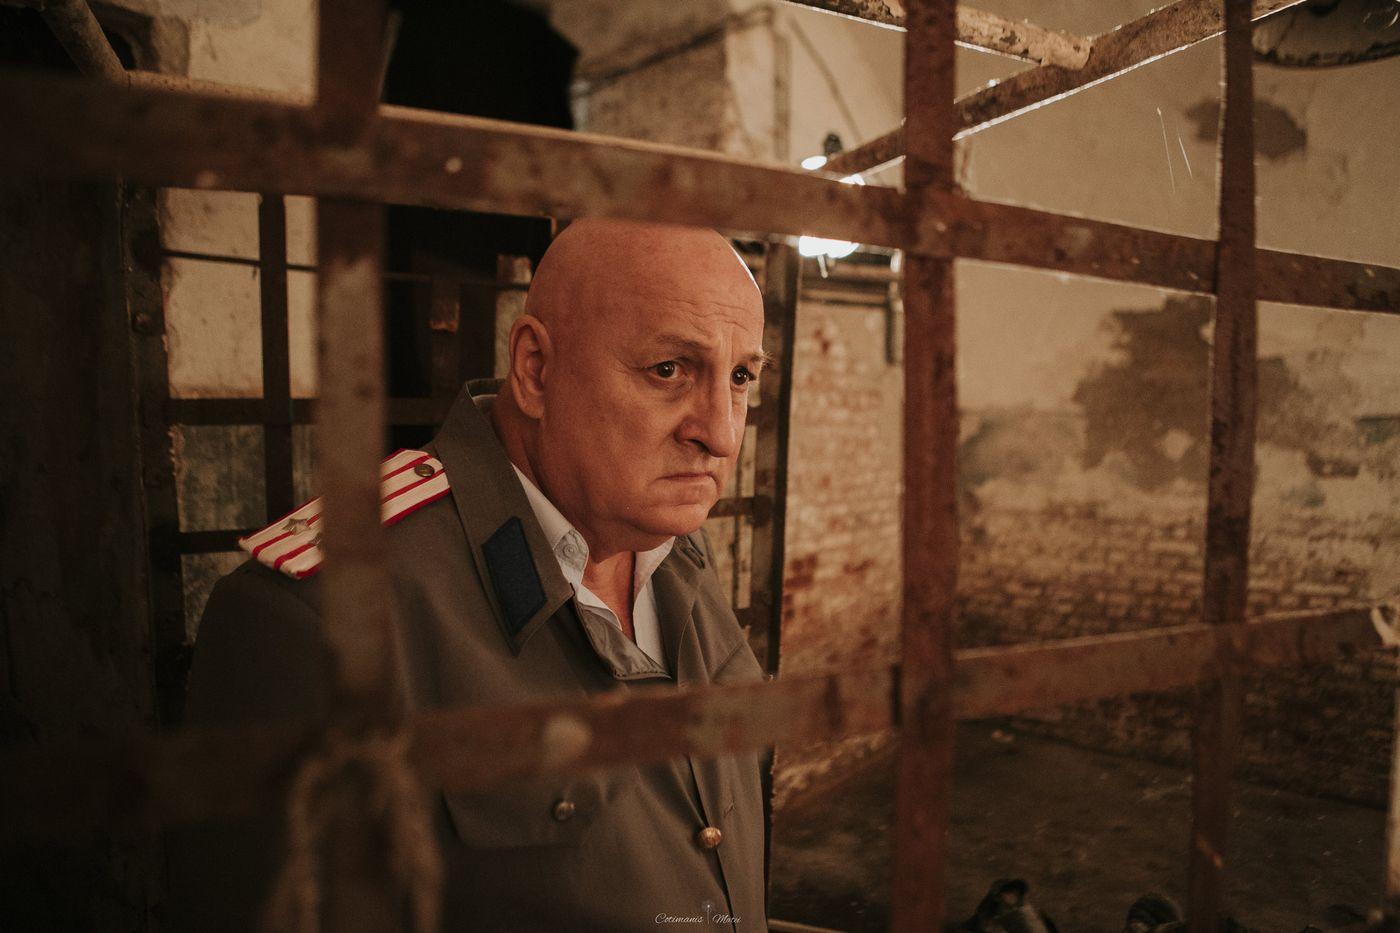 Între Chin și Amin - un film despre realitatea brutală a Fenomenului  Pitești, în regia lui Toma Enache